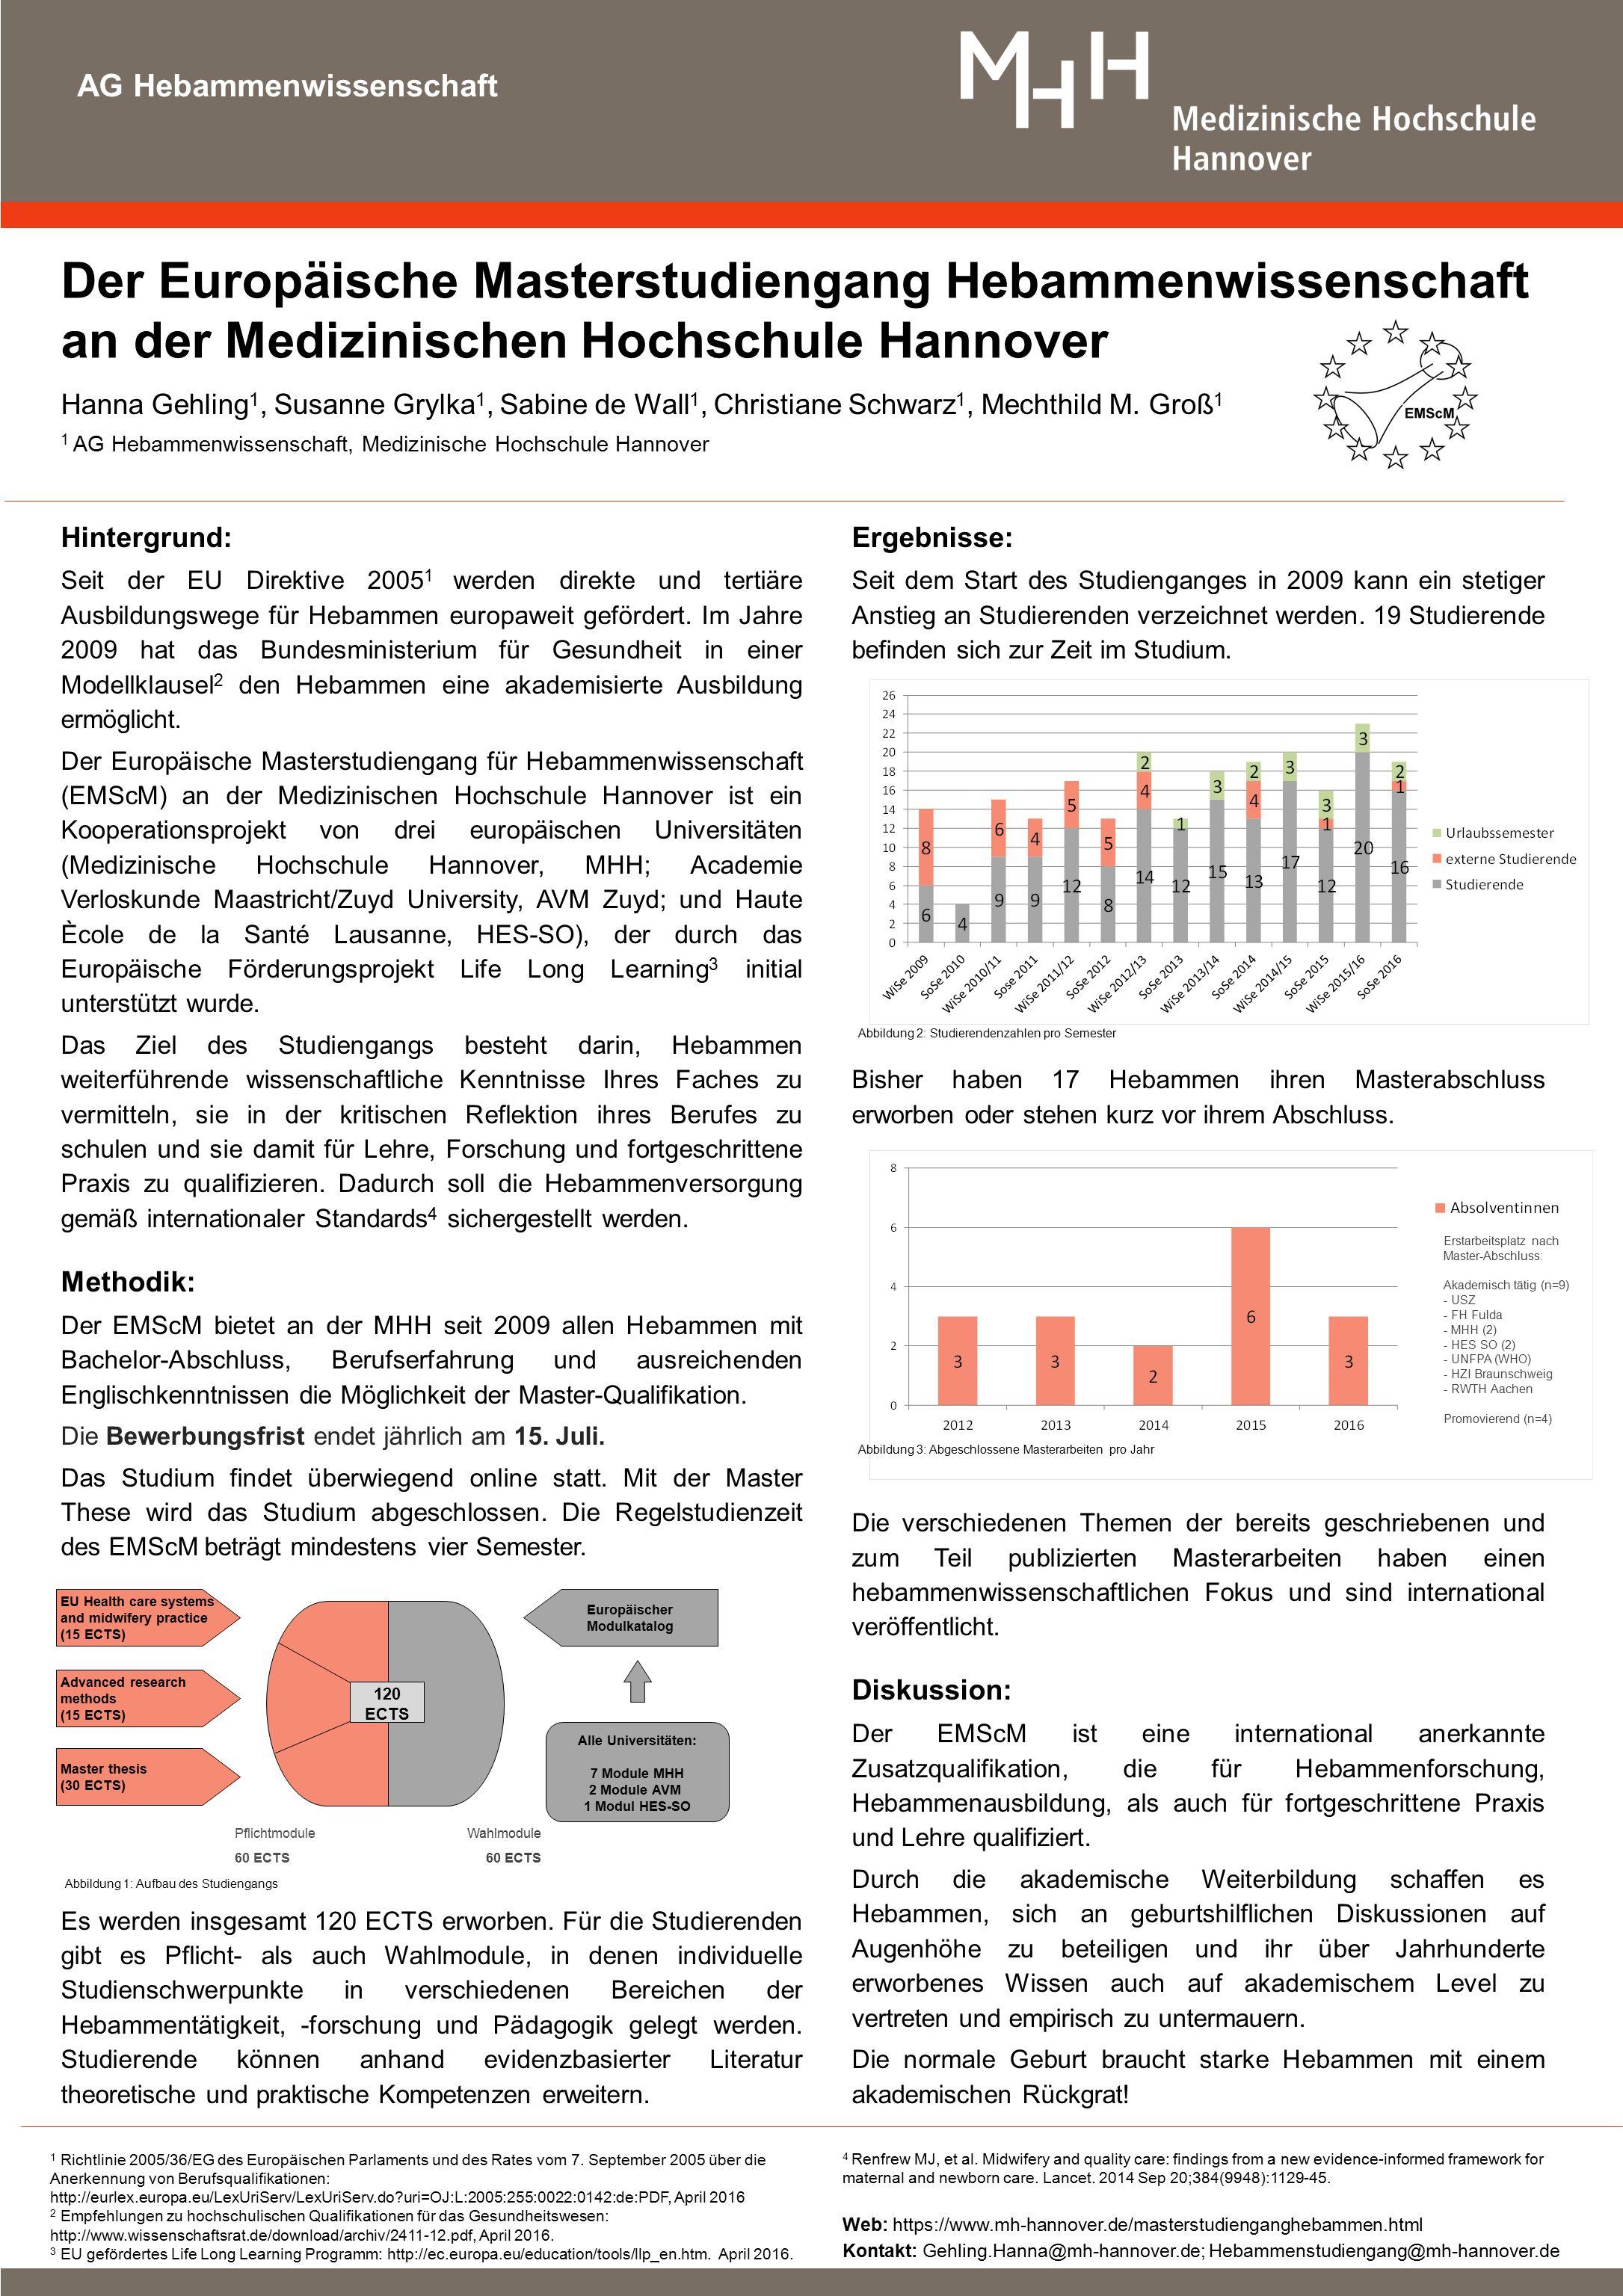 Hintergrund: Seit der EU Direktive 2005 1 werden direkte und tertiäre Ausbildungswege für Hebammen europaweit gefördert.